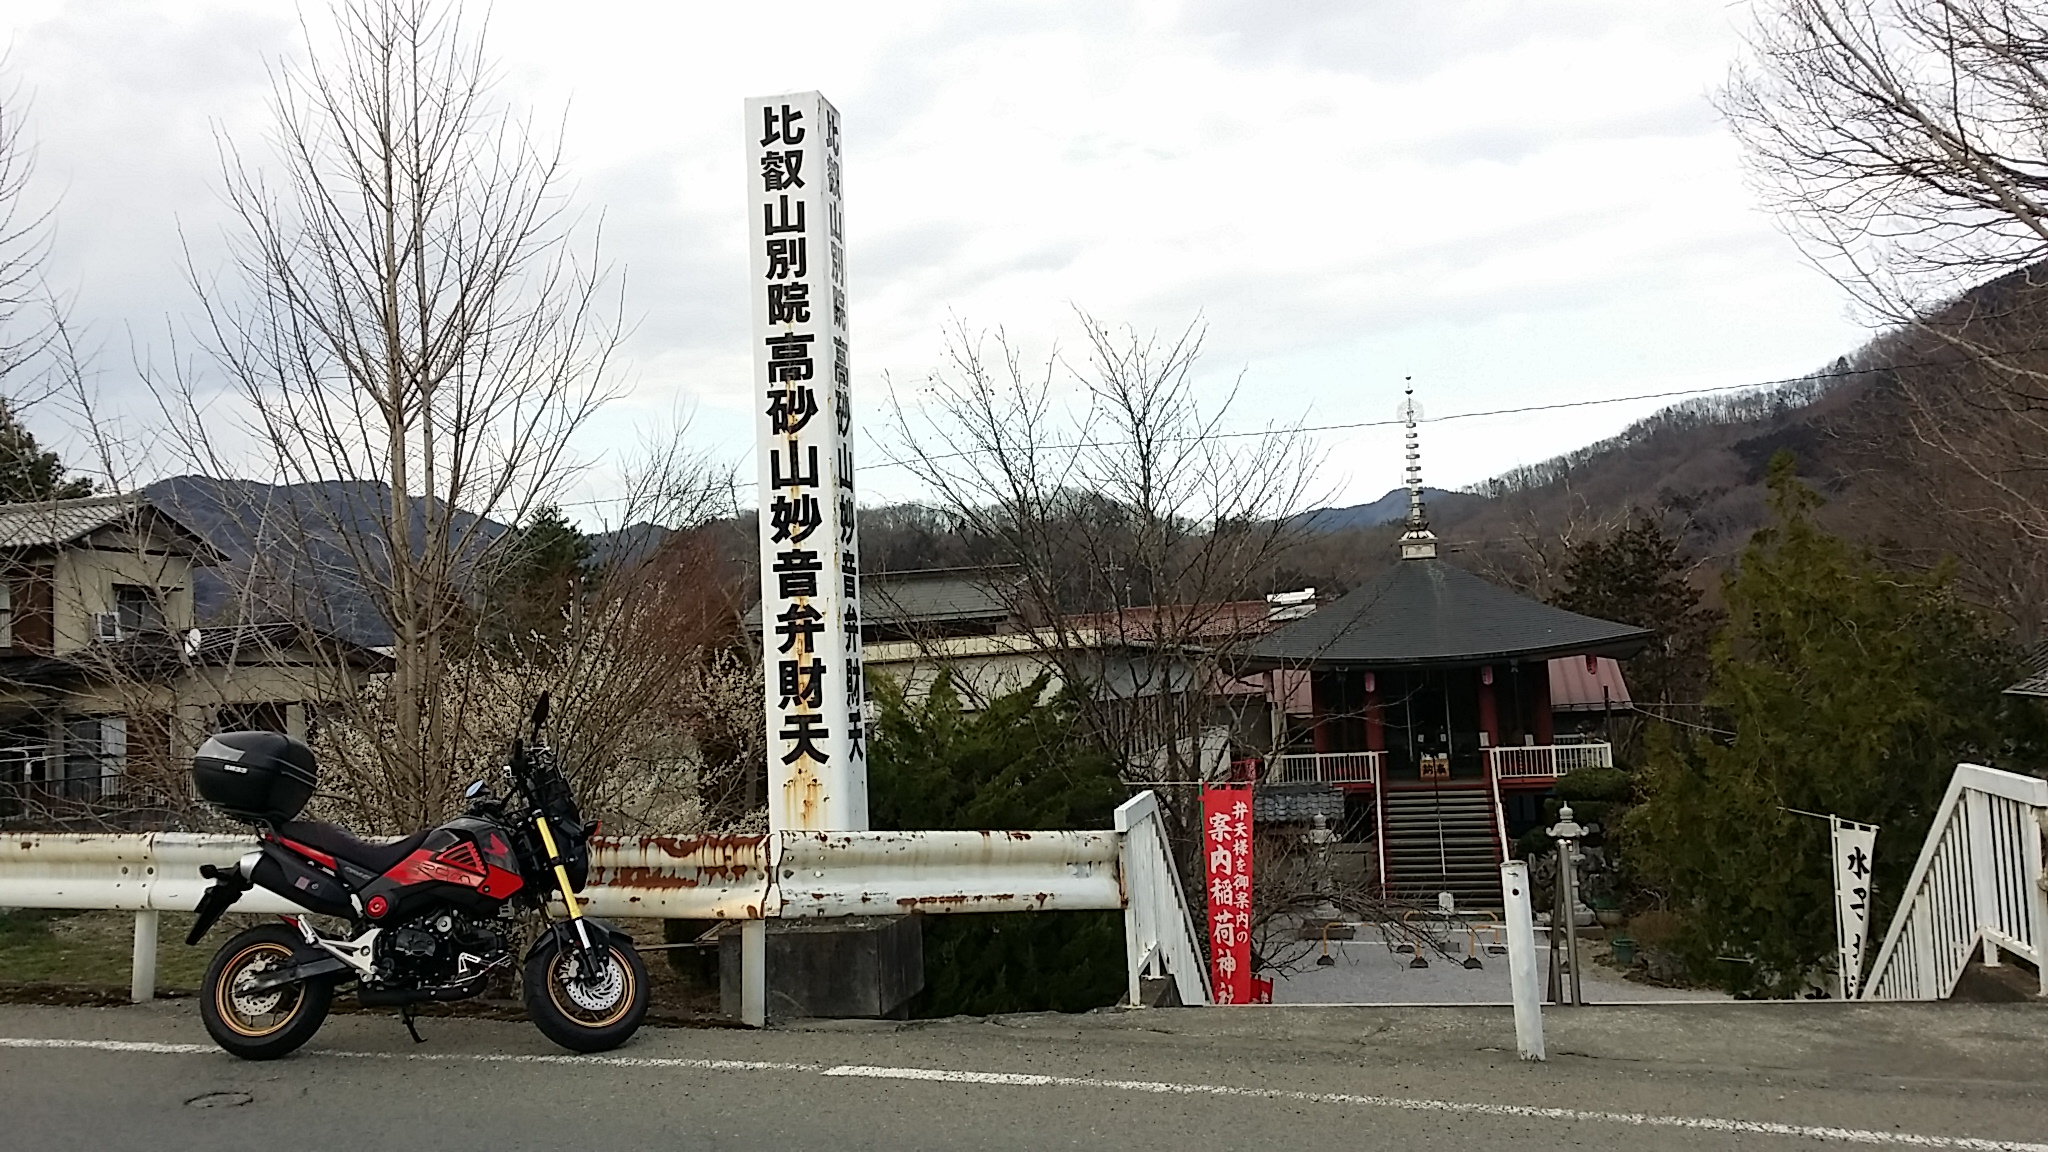 20160319_160257.jpg